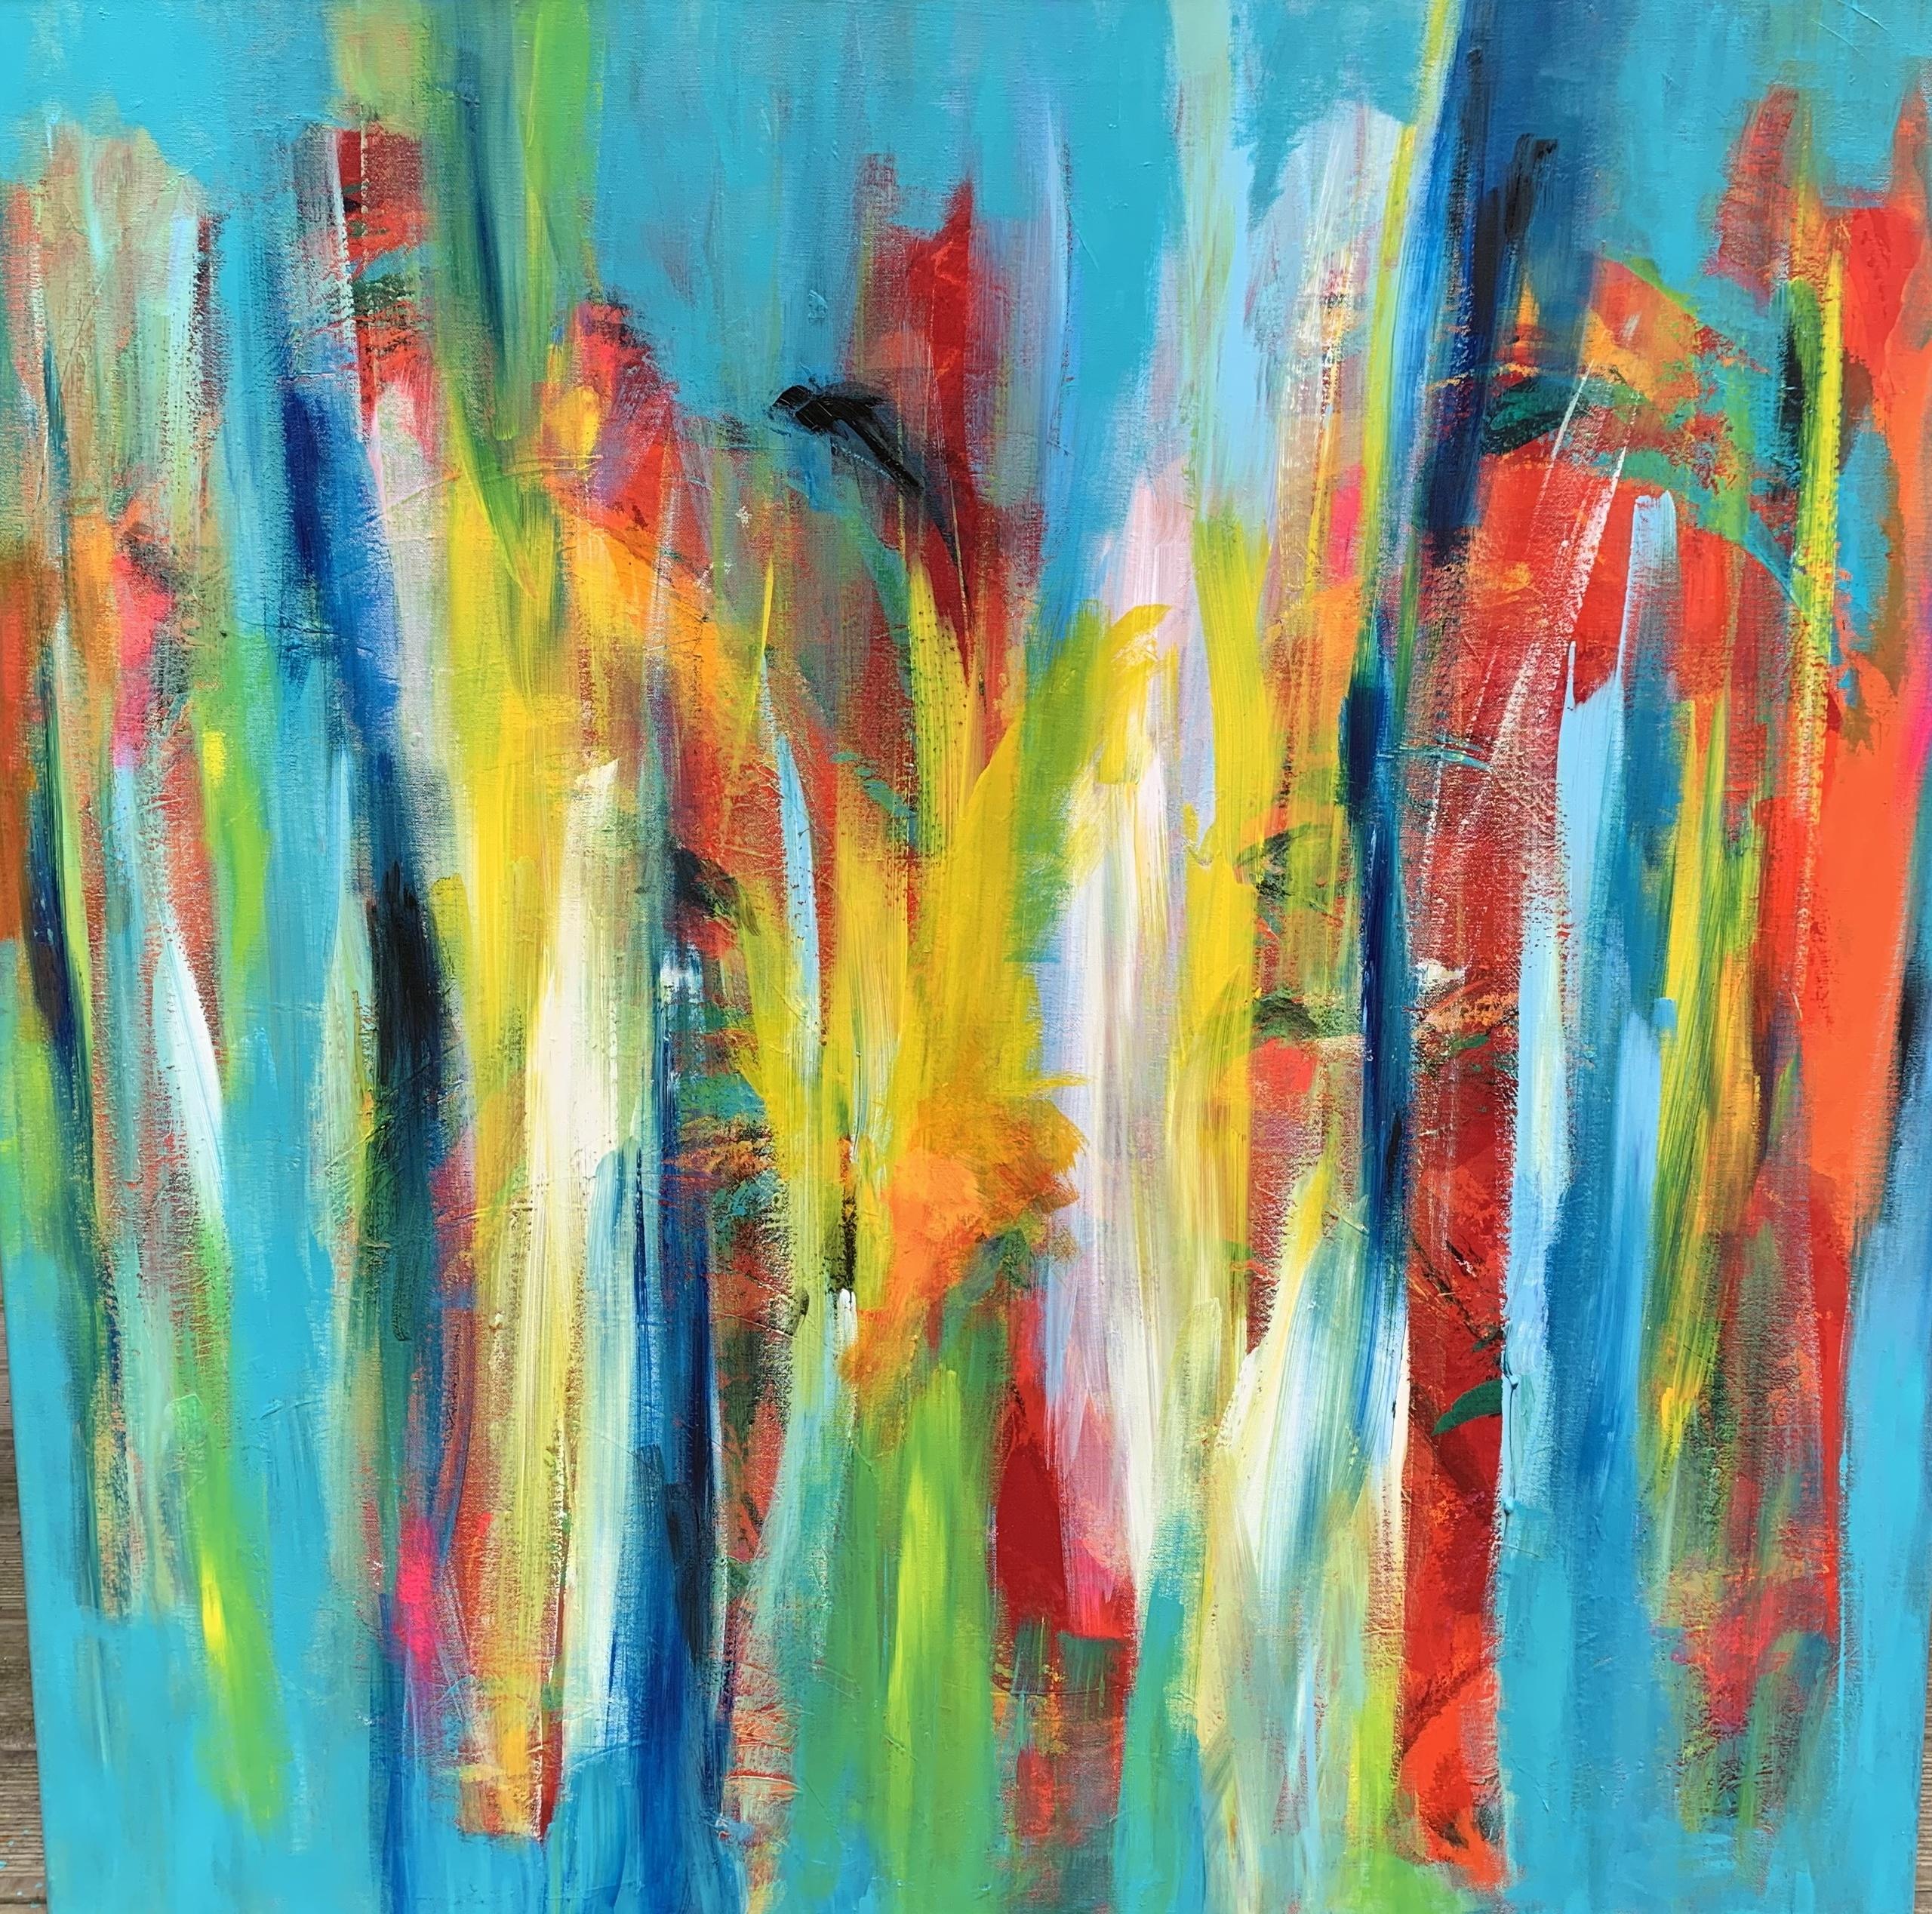 Maleriet har fået mange lag maling, og den varme glød stråler ud .